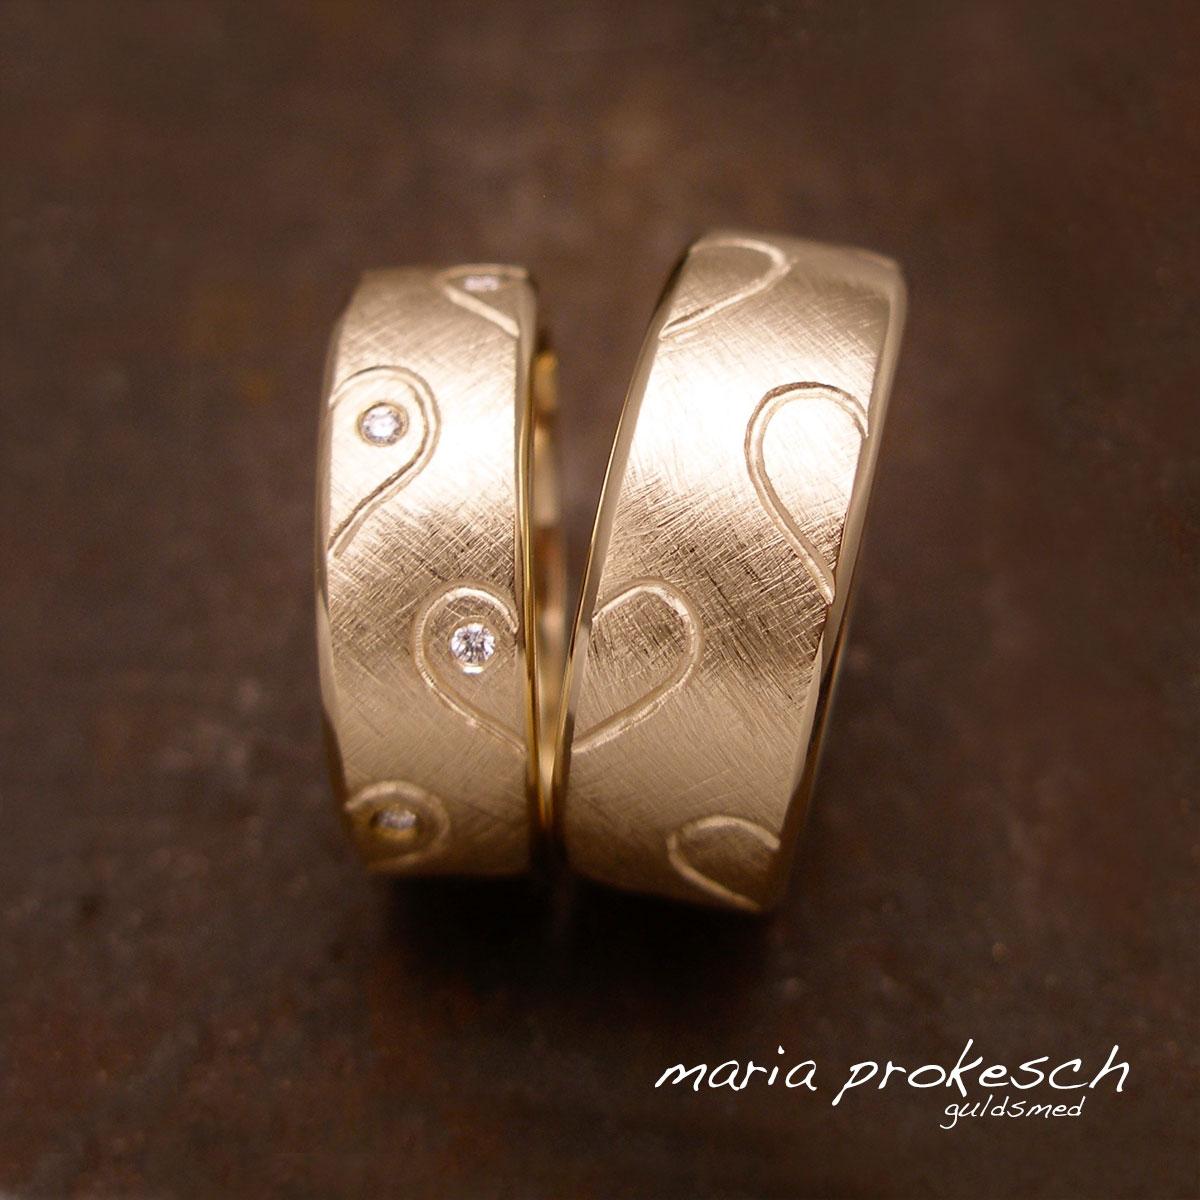 Vielseringe i 14 kt guld, begge ringe med graverede halve hjerter som symbolisere parrets børn og fælles kærlighed